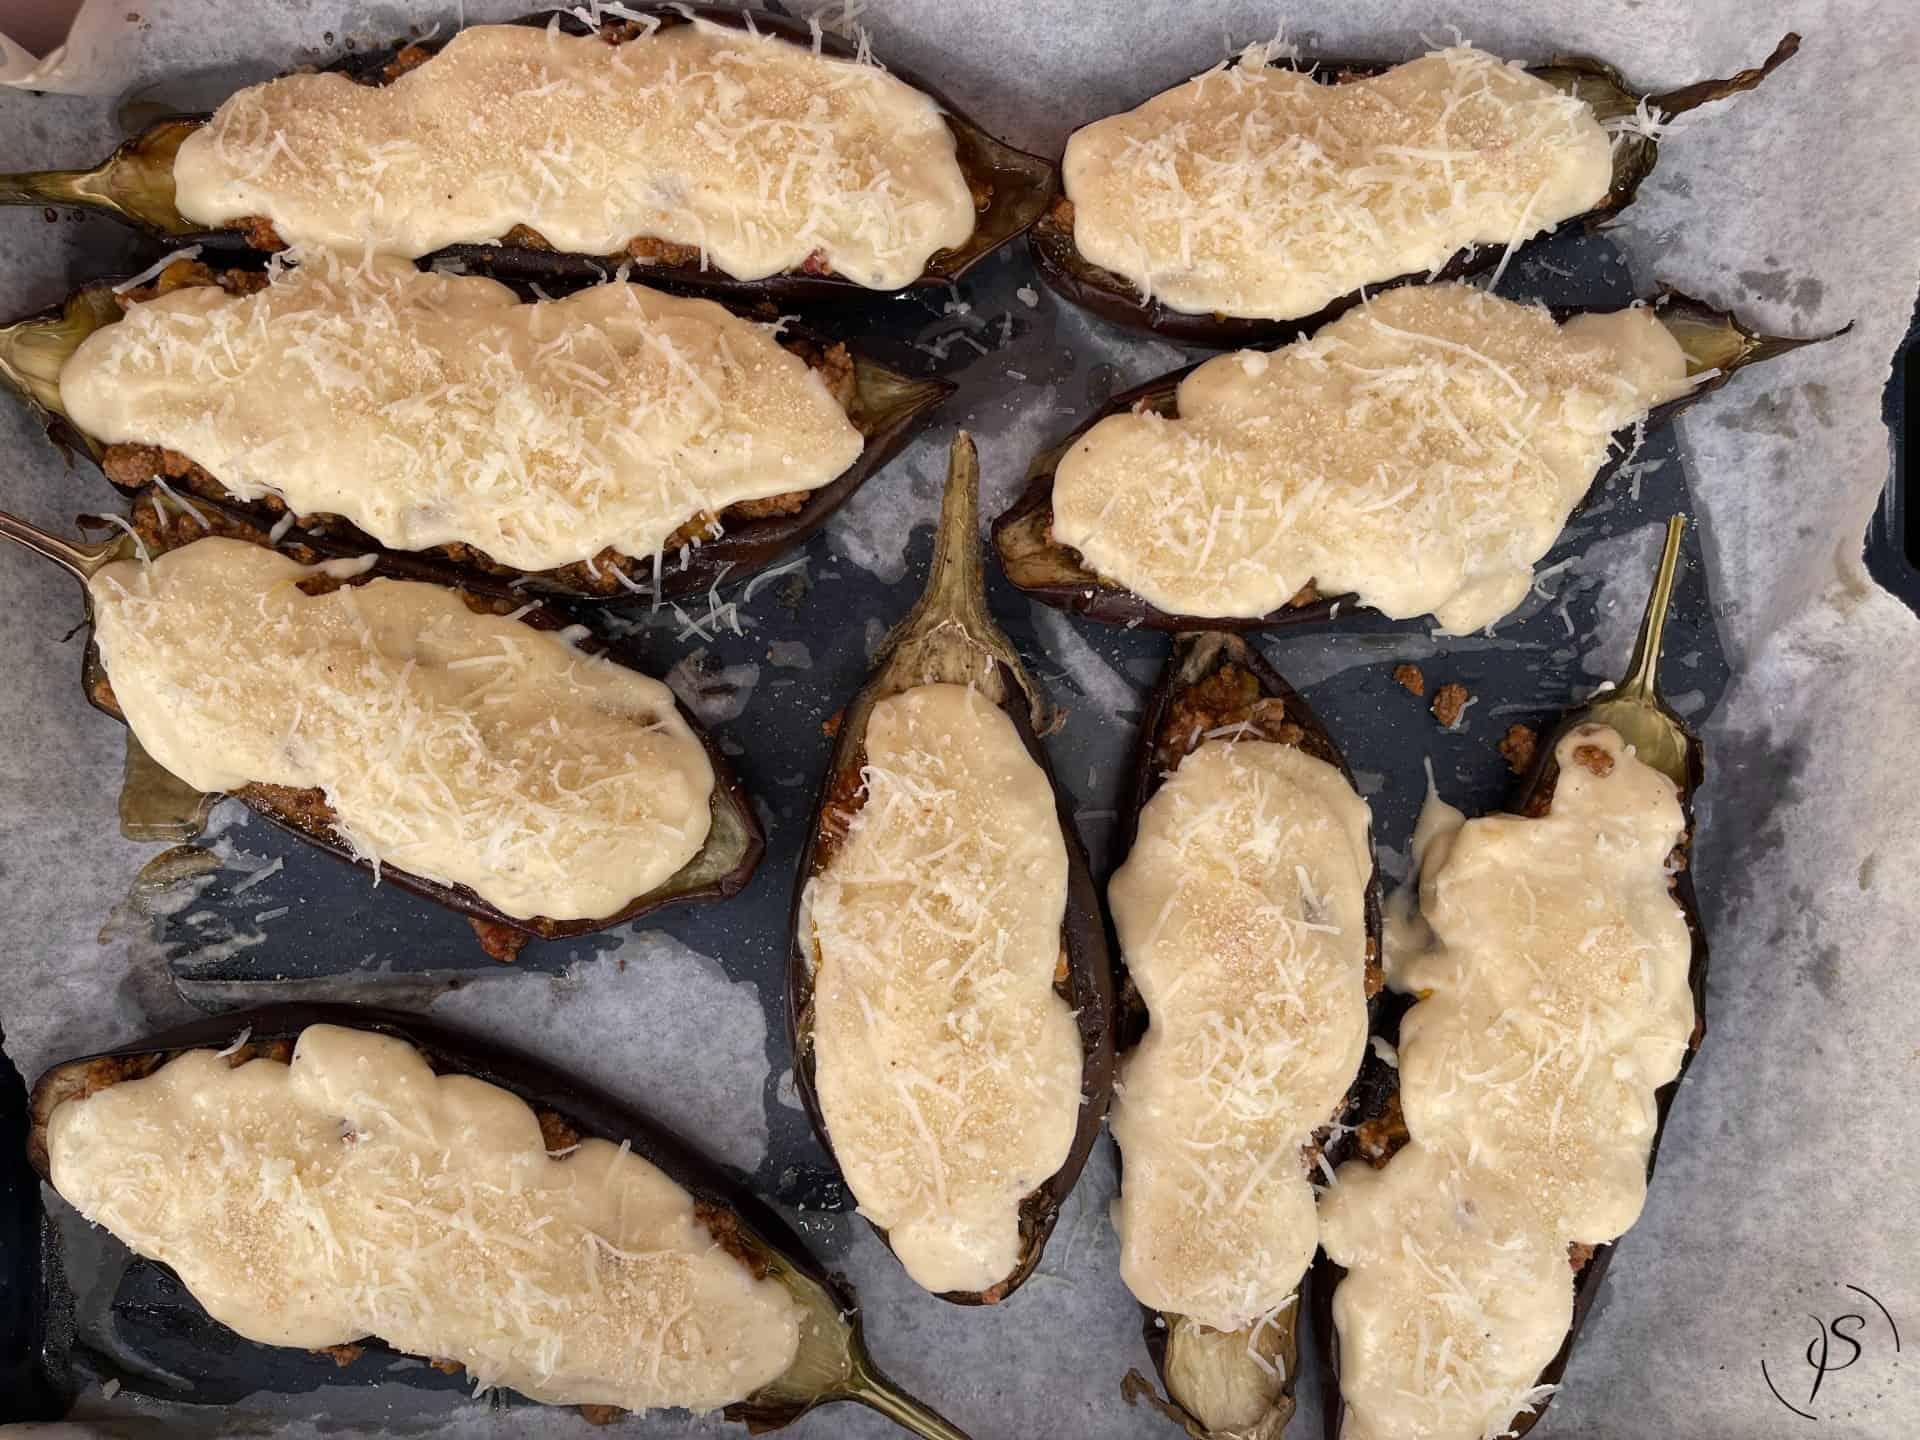 Μελιτζάνες παπουτσάκια στήσιμο